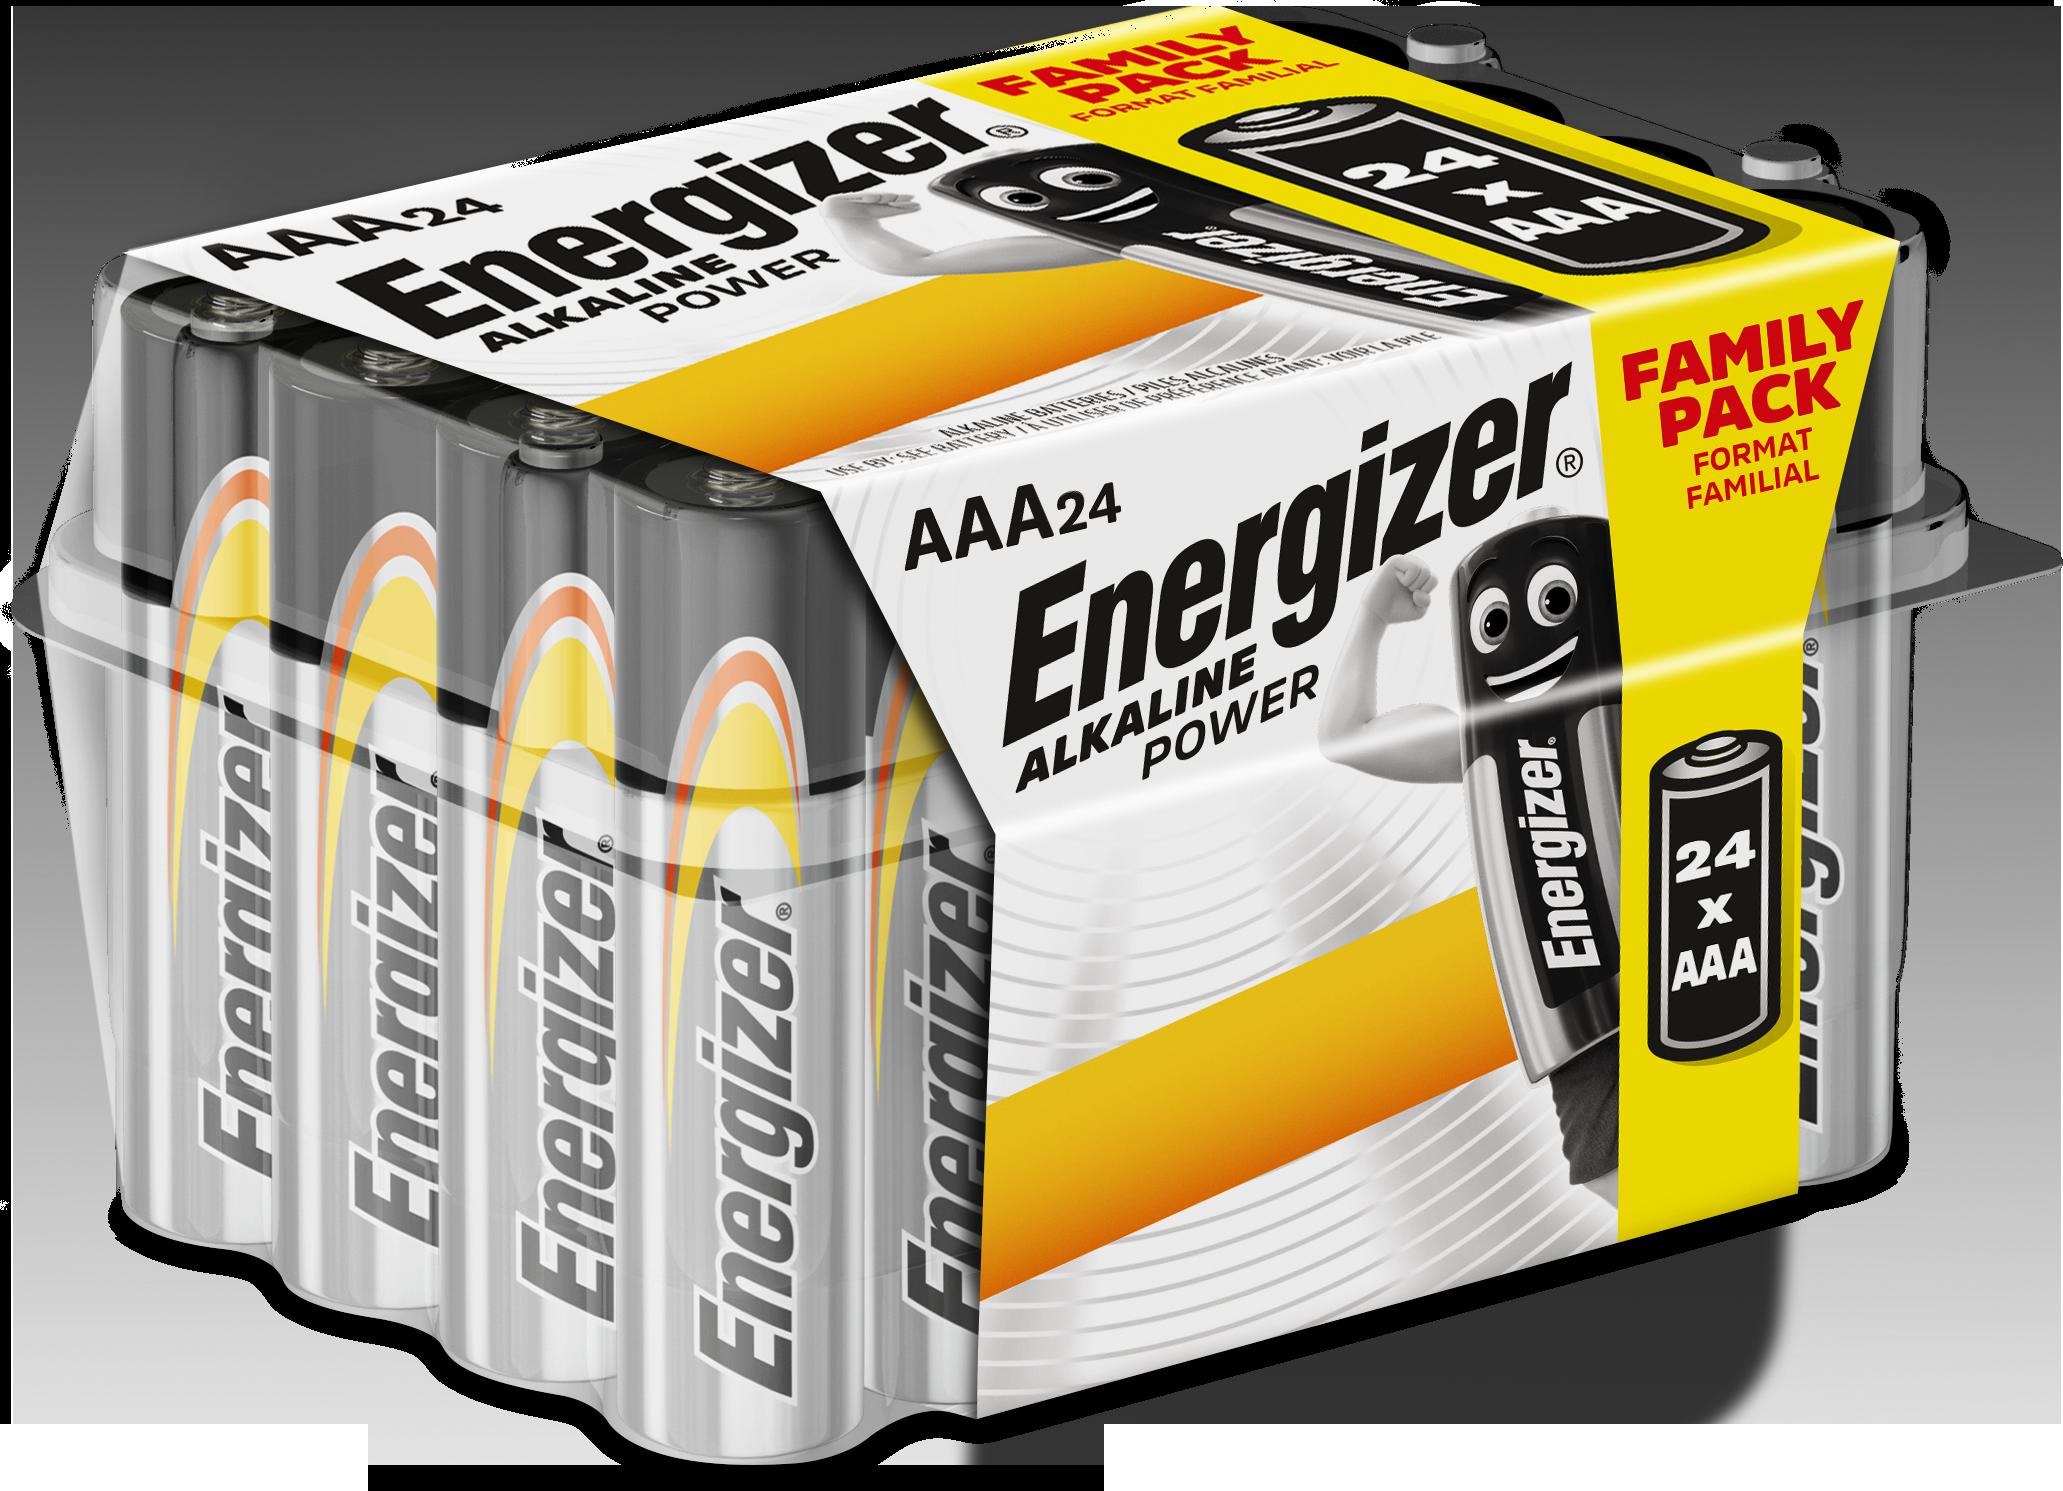 Baterie AAA/LR03 ENERGIZER Alkaline Power, Family pack 24 ks